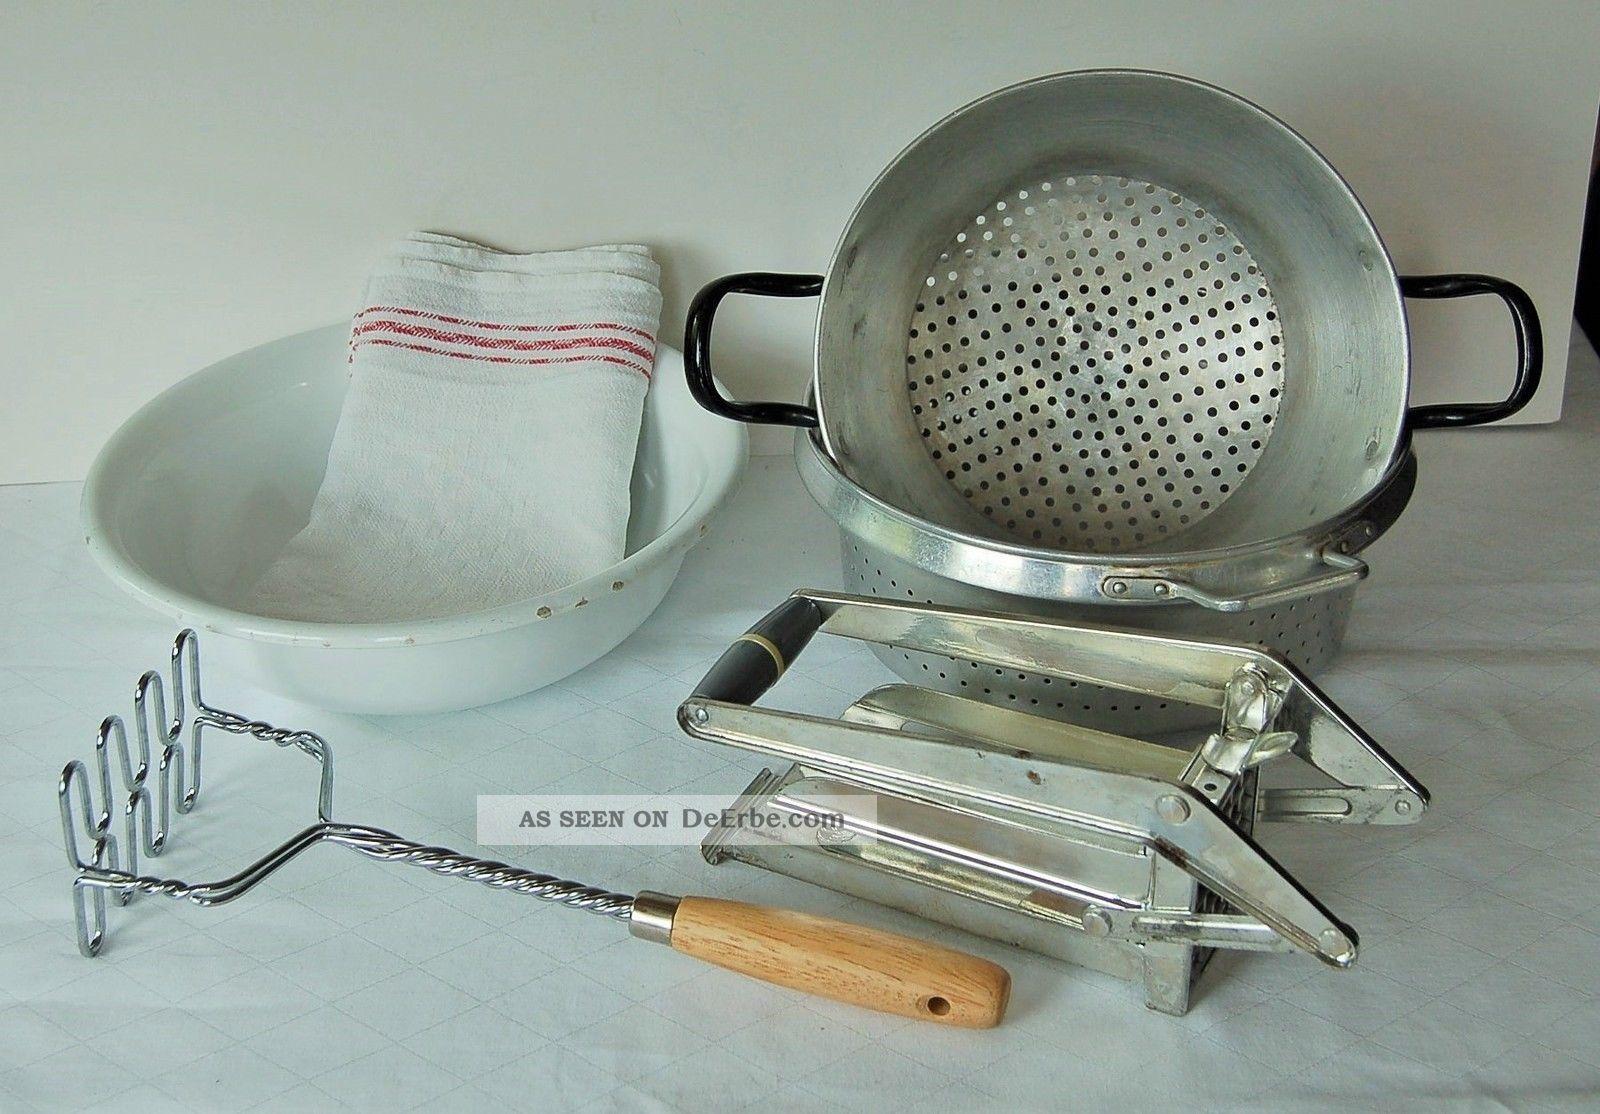 Konvolut Email Schüssel Alu Sieb Pommesschneider Kartoffelstampfer Geschirrtuch Haushalt Bild